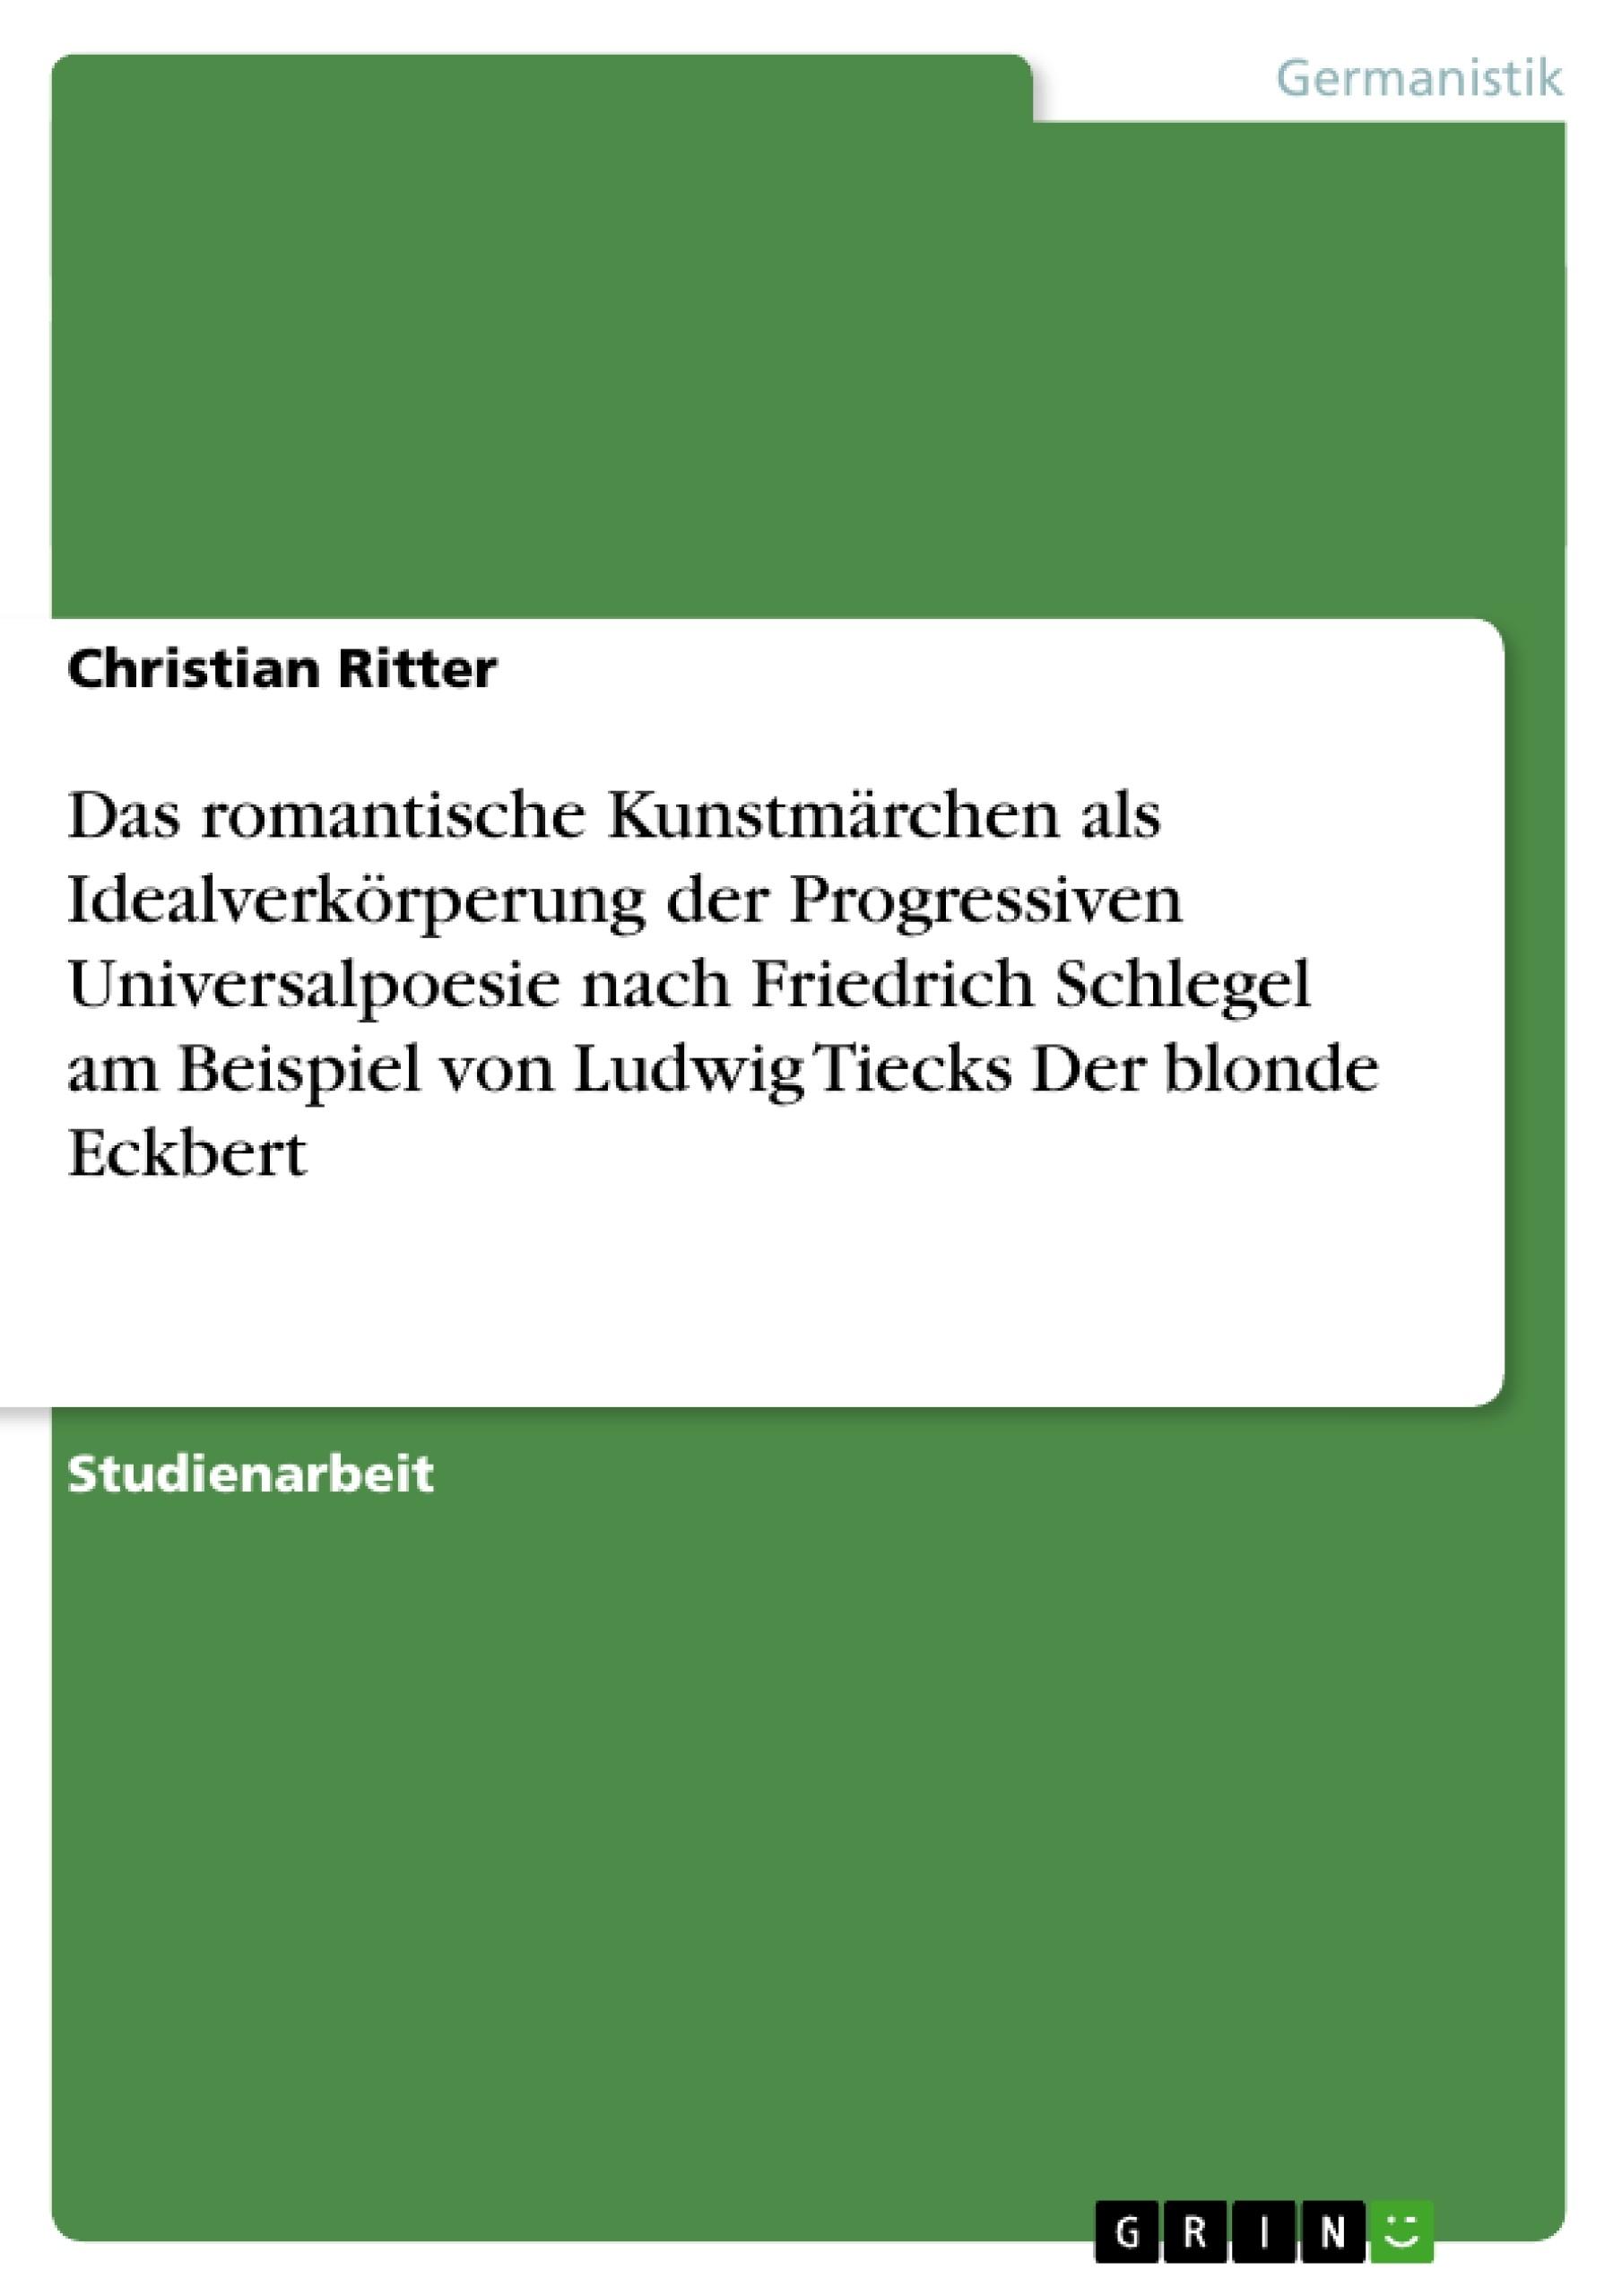 Titel: Das romantische Kunstmärchen als Idealverkörperung der Progressiven Universalpoesie nach Friedrich Schlegel am Beispiel von Ludwig Tiecks Der blonde Eckbert